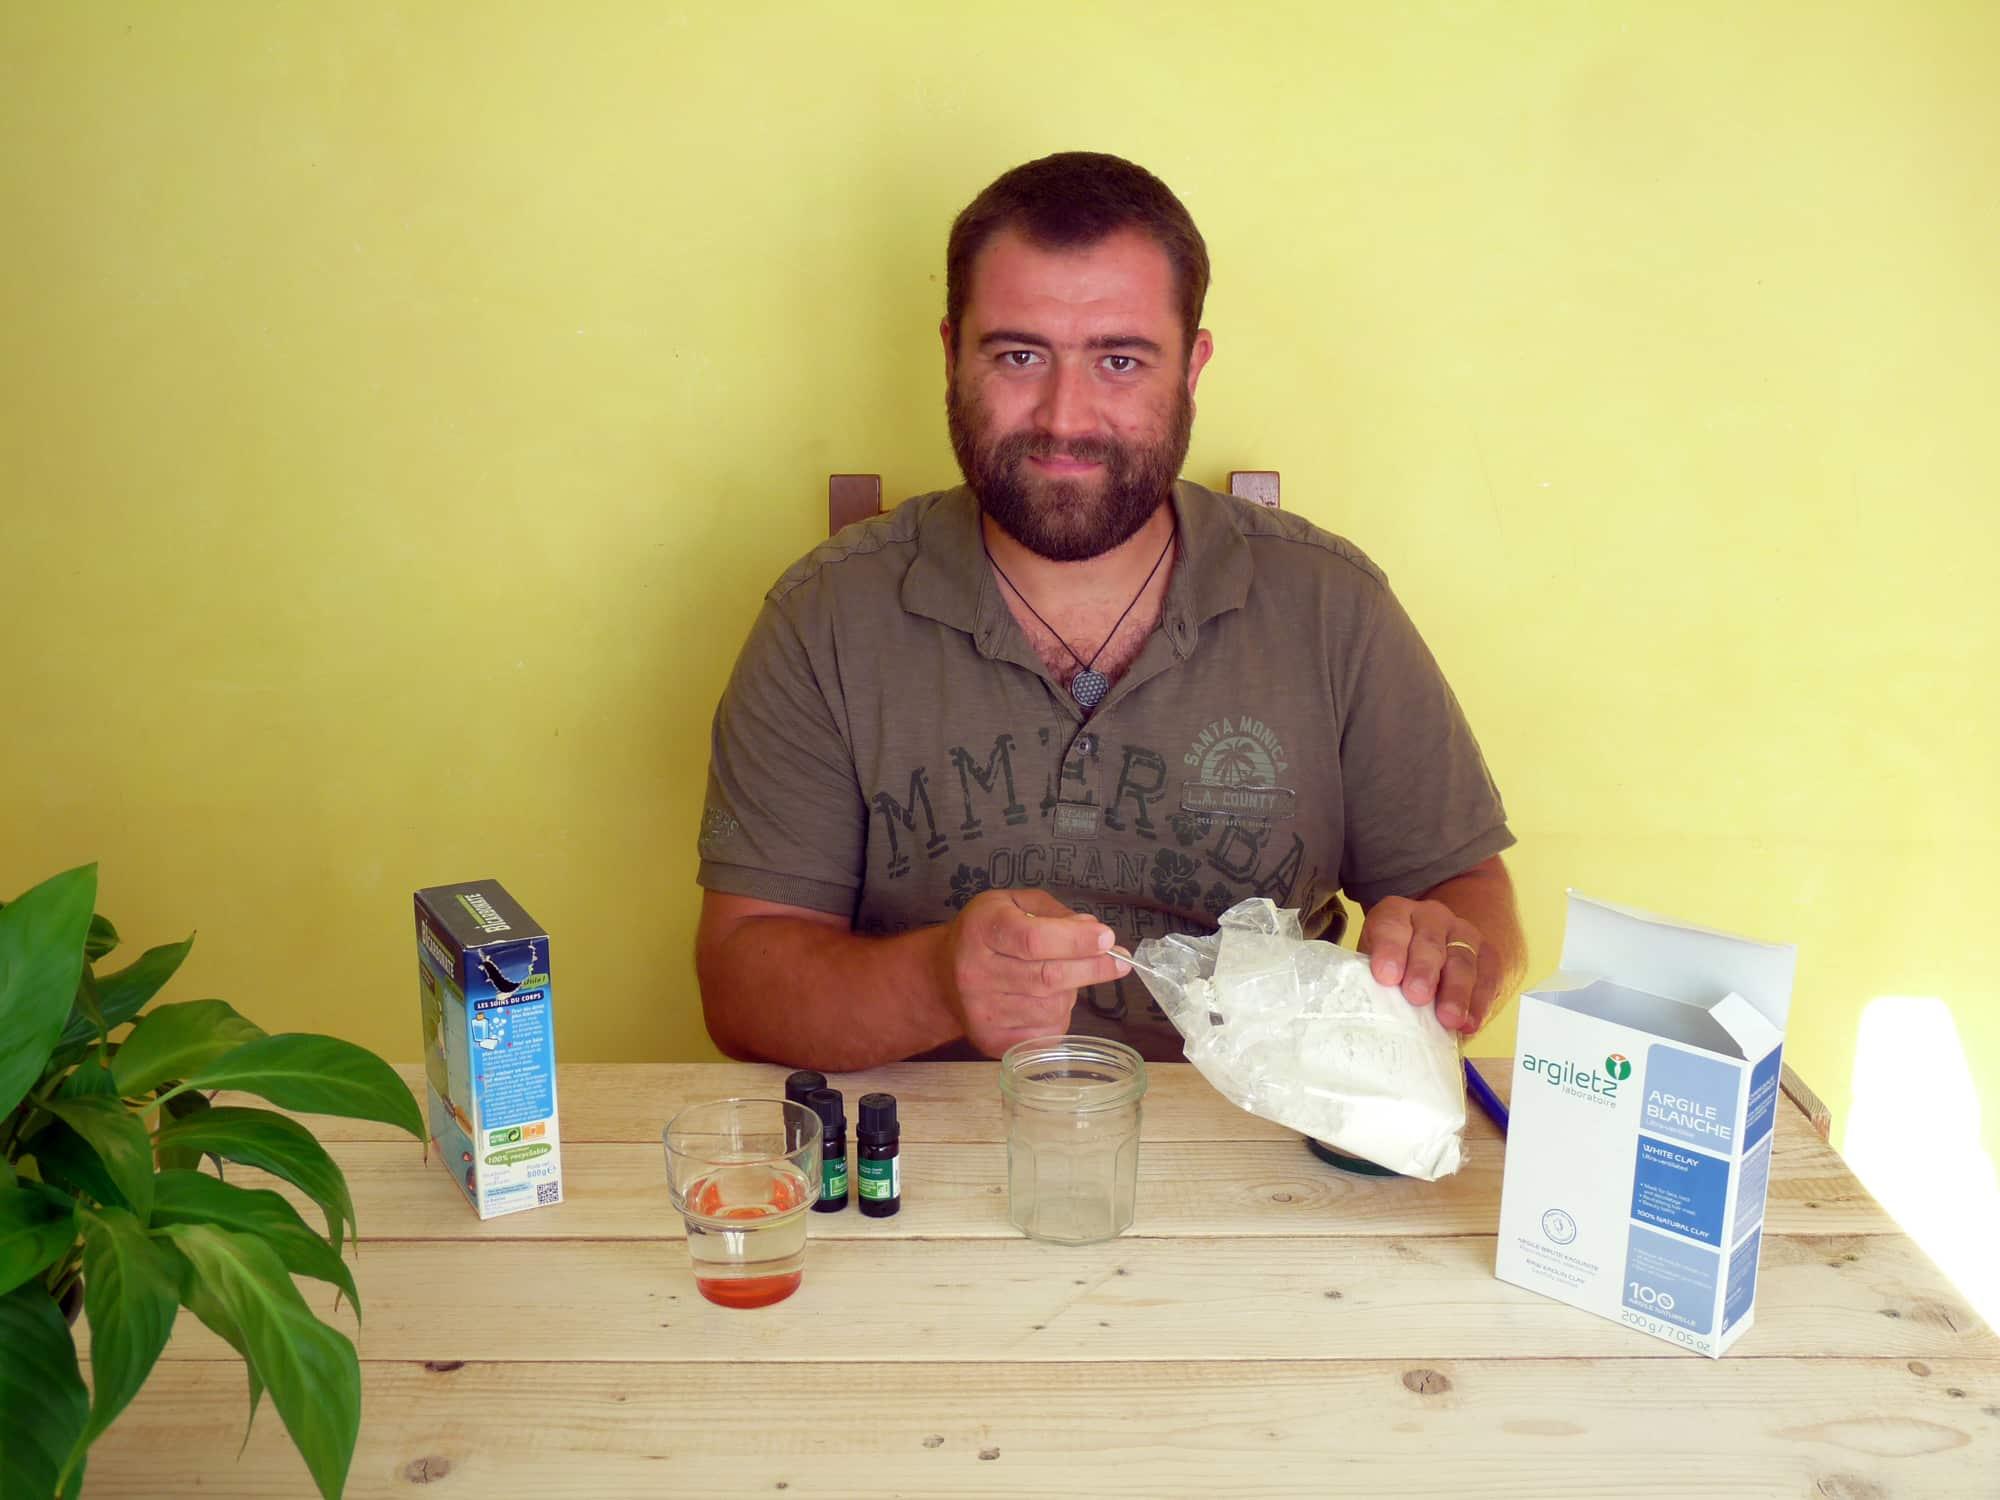 Comment faire son dentifrice maison? La recette.